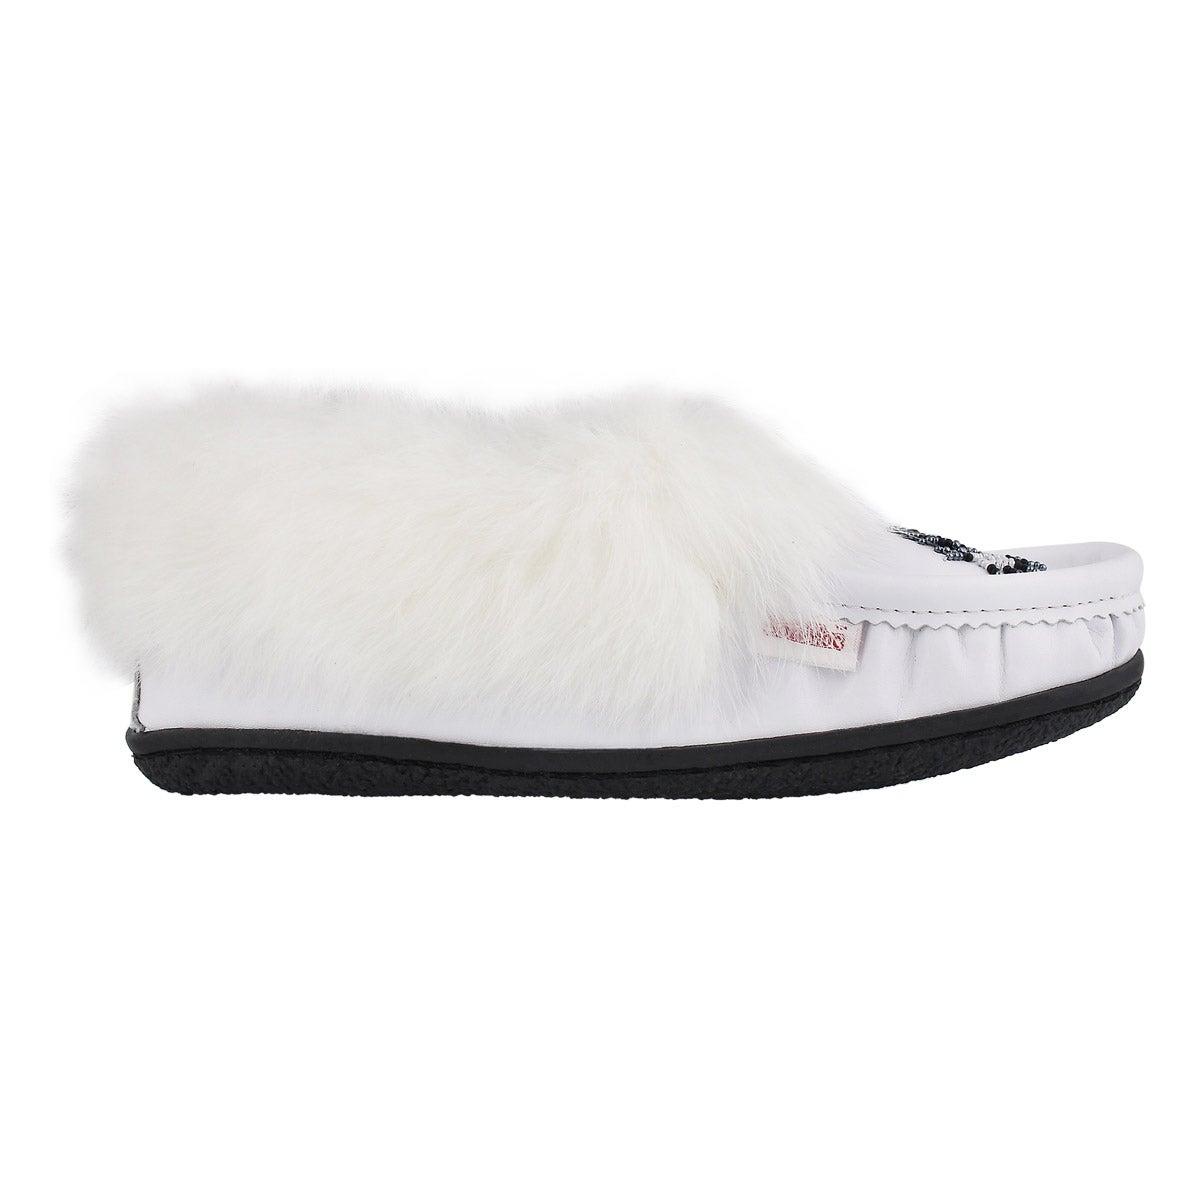 Lds Cute4 white lthr rabbit fur moccasin